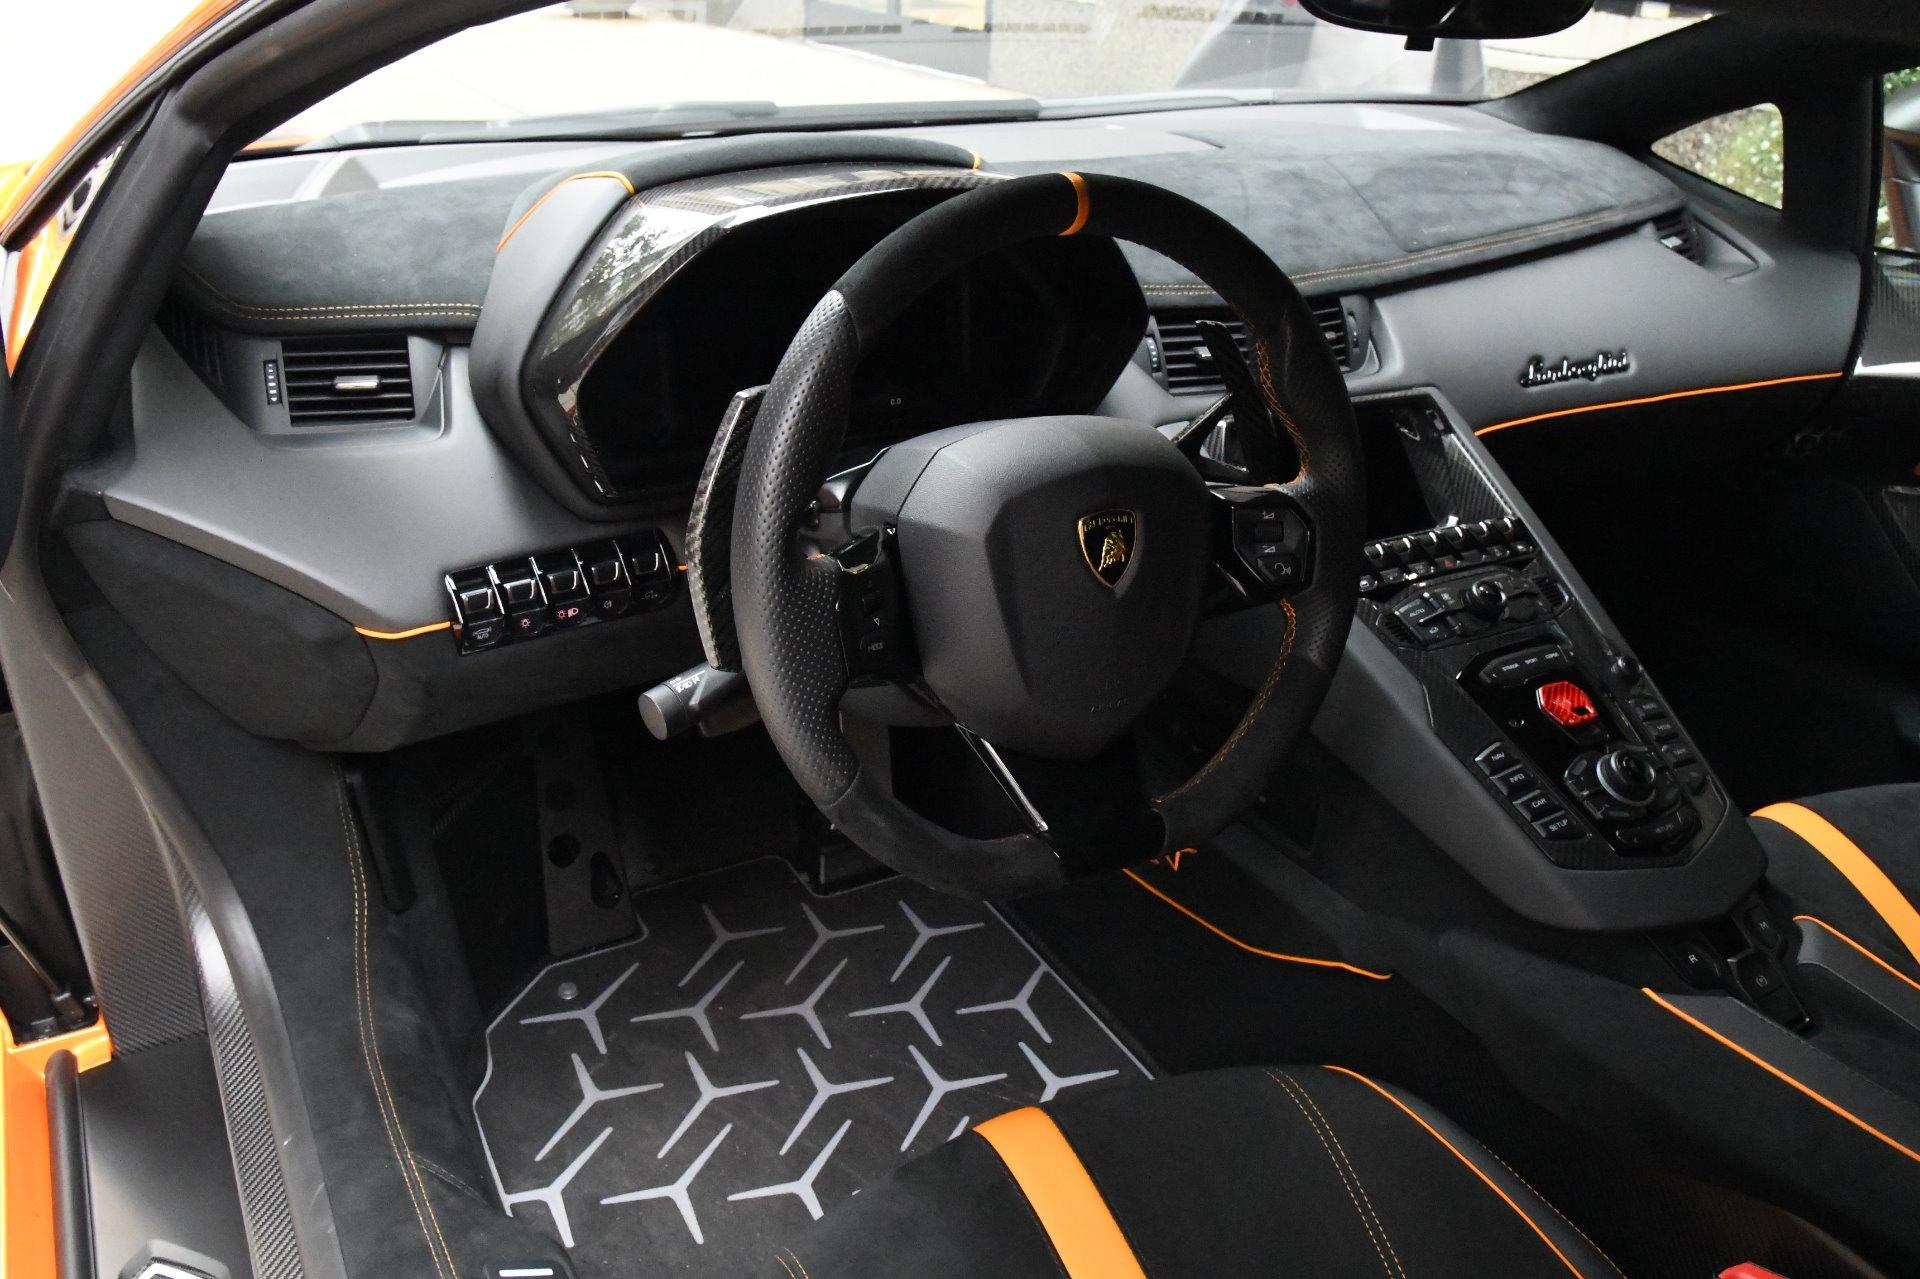 Used 2017 Lamborghini Aventador SV SV | Chicago, IL